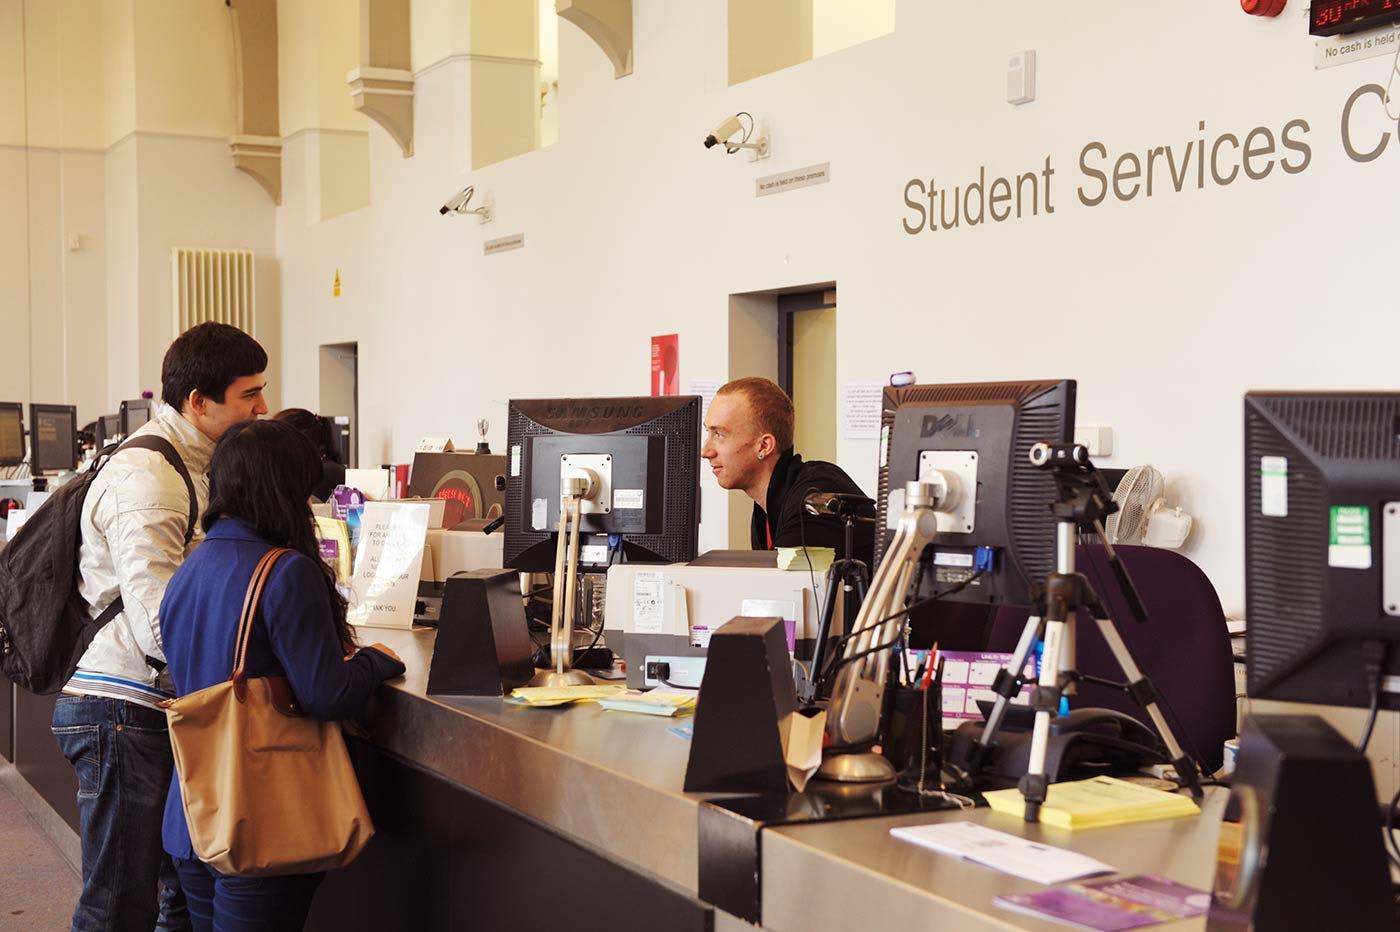 我们友好的学生服务团队拥有多年帮助国际学生的经验